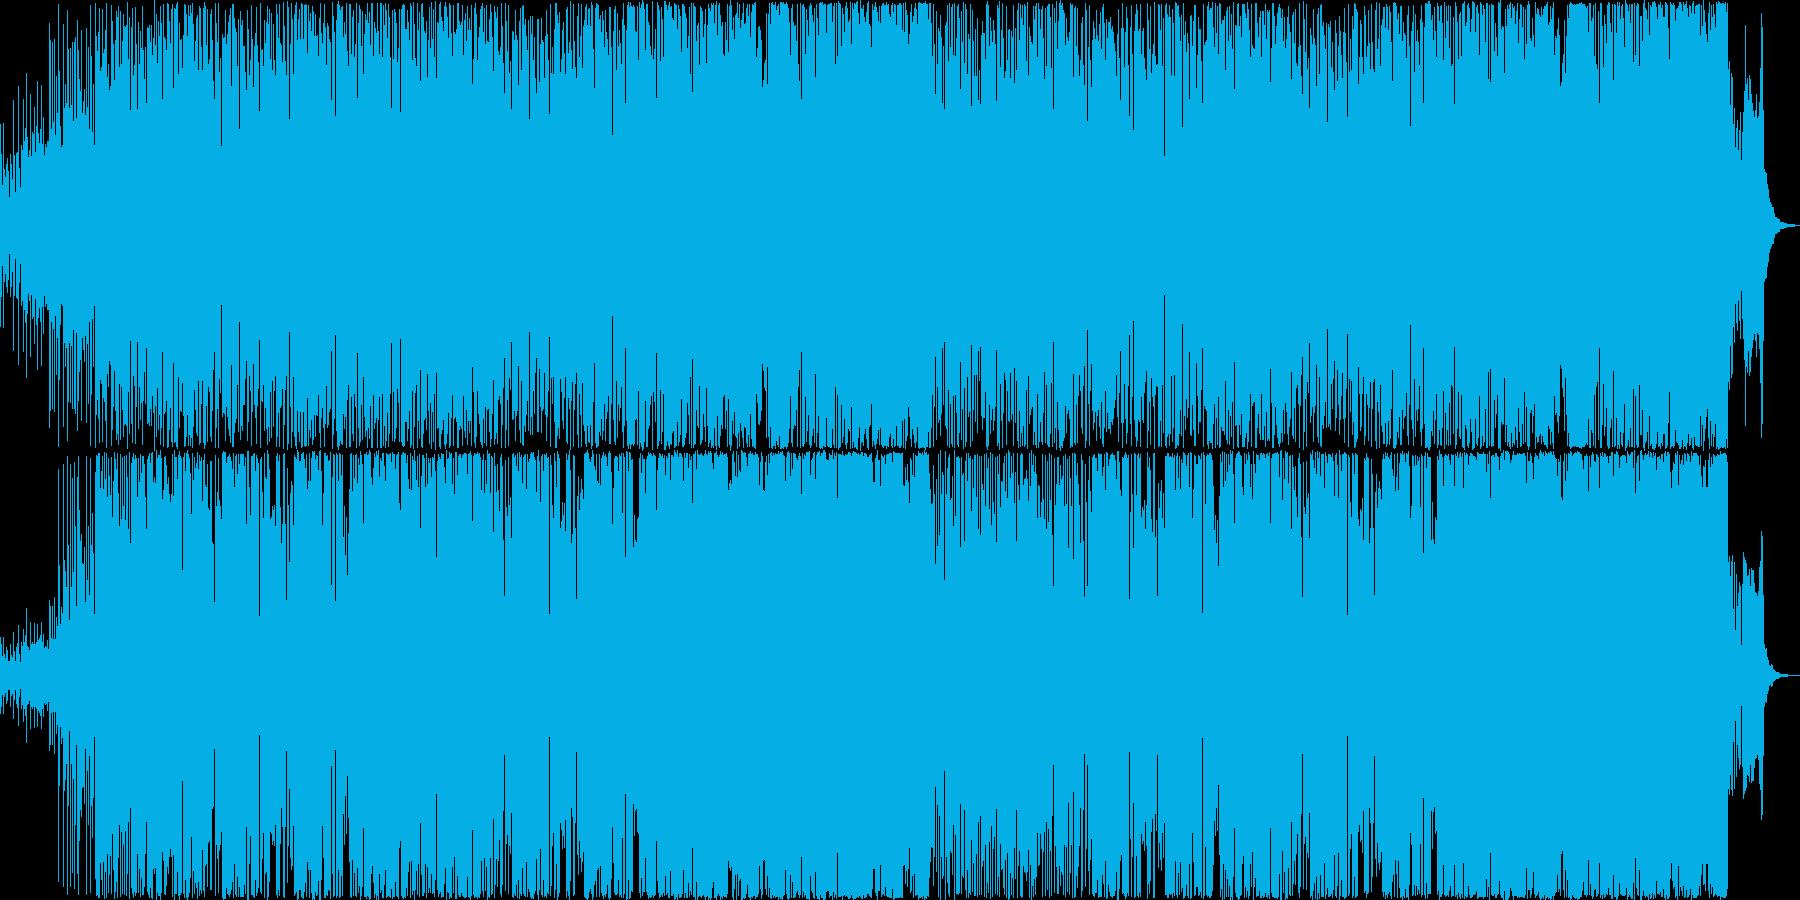 和風の雰囲気のあるコミカルなBGMの再生済みの波形